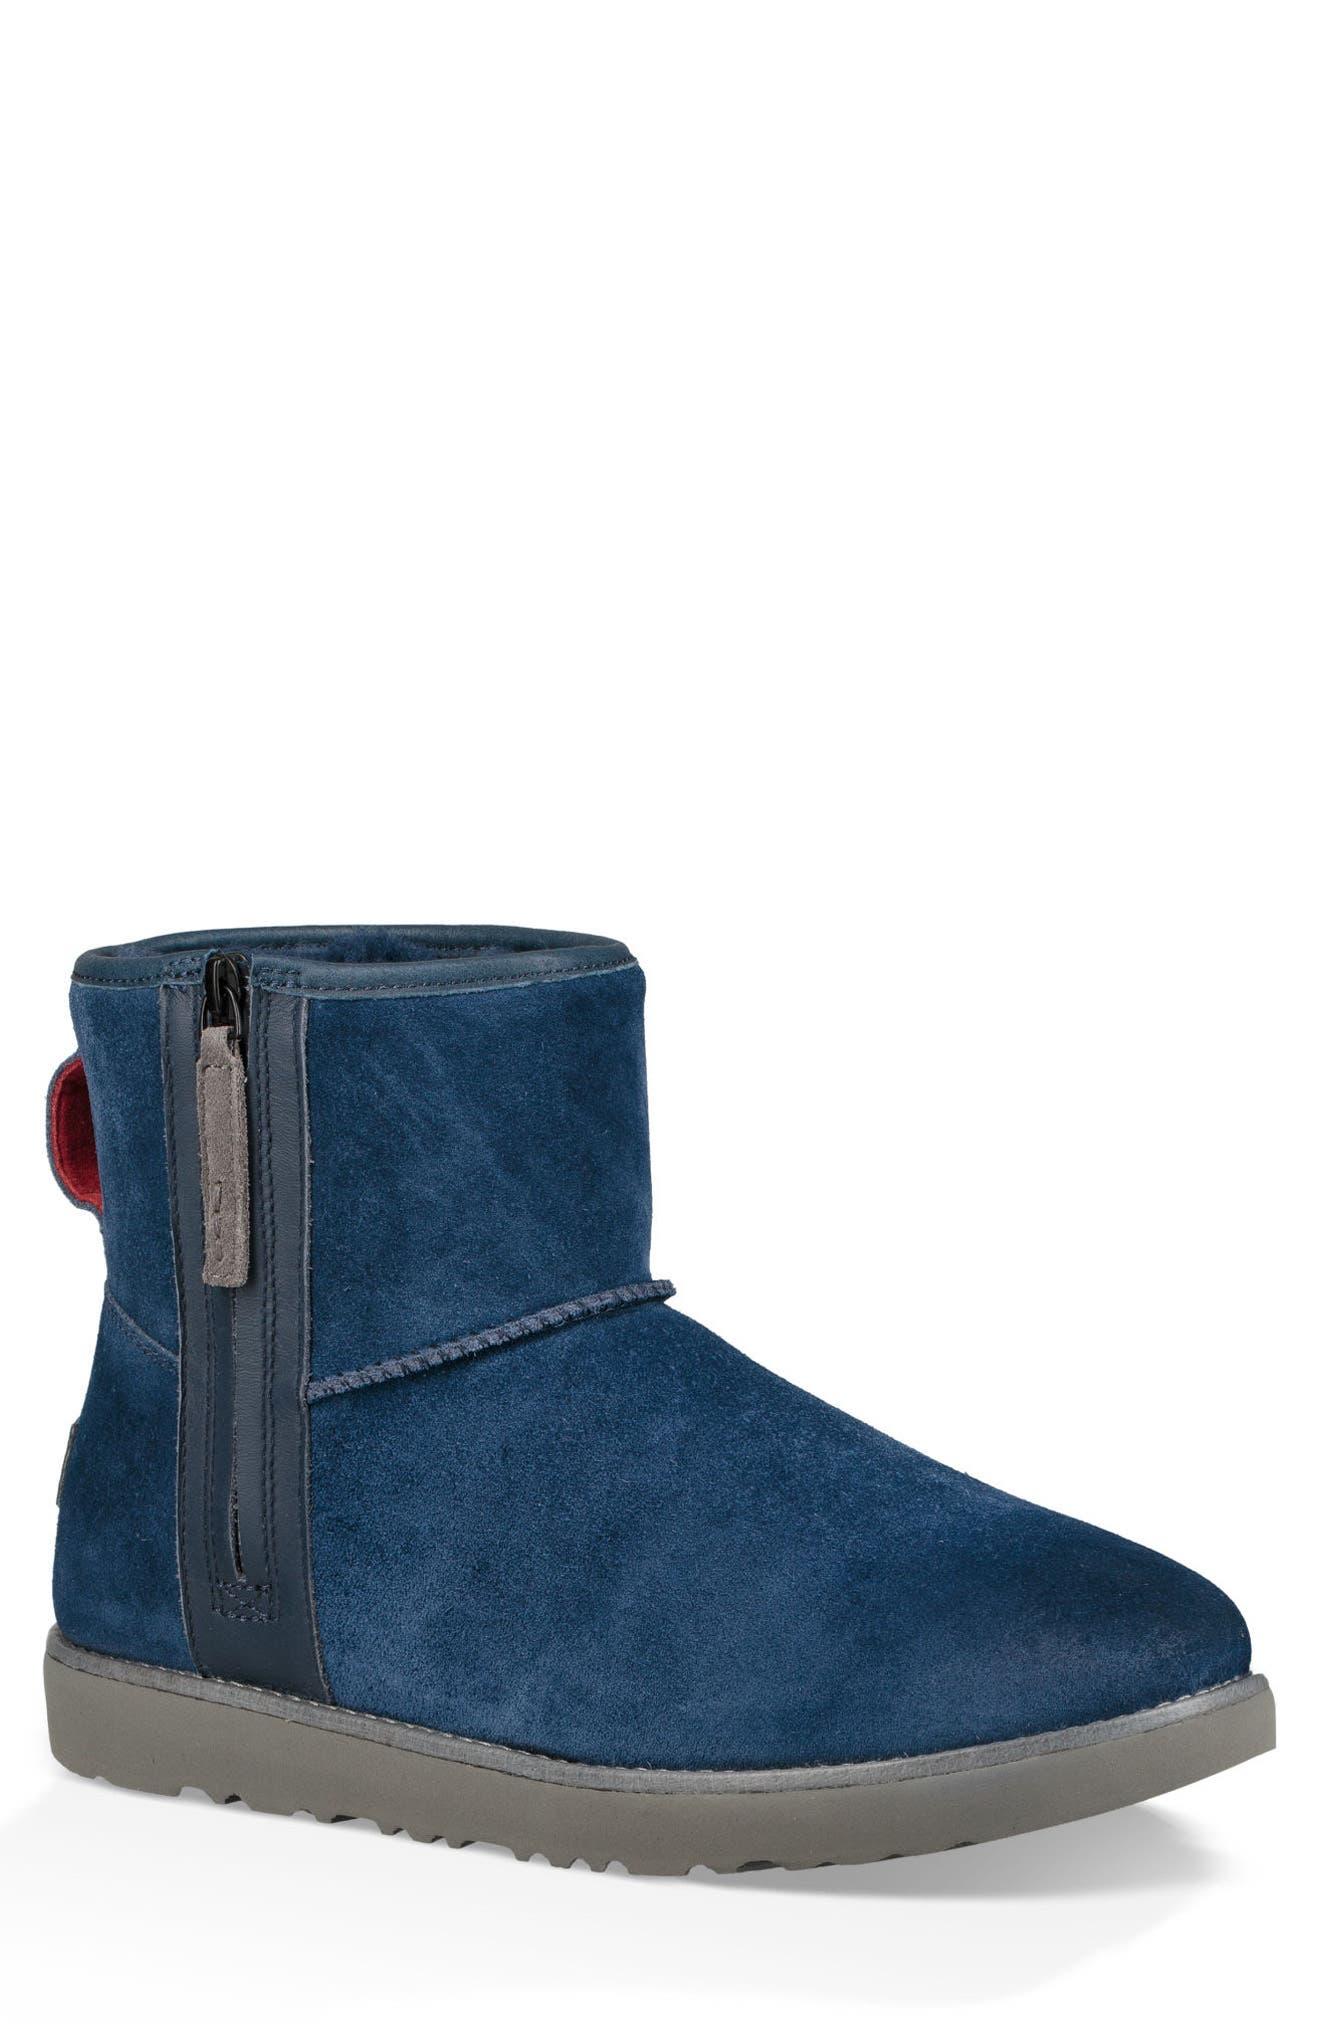 Ugg Mini Zip Waterproof Boot, Blue